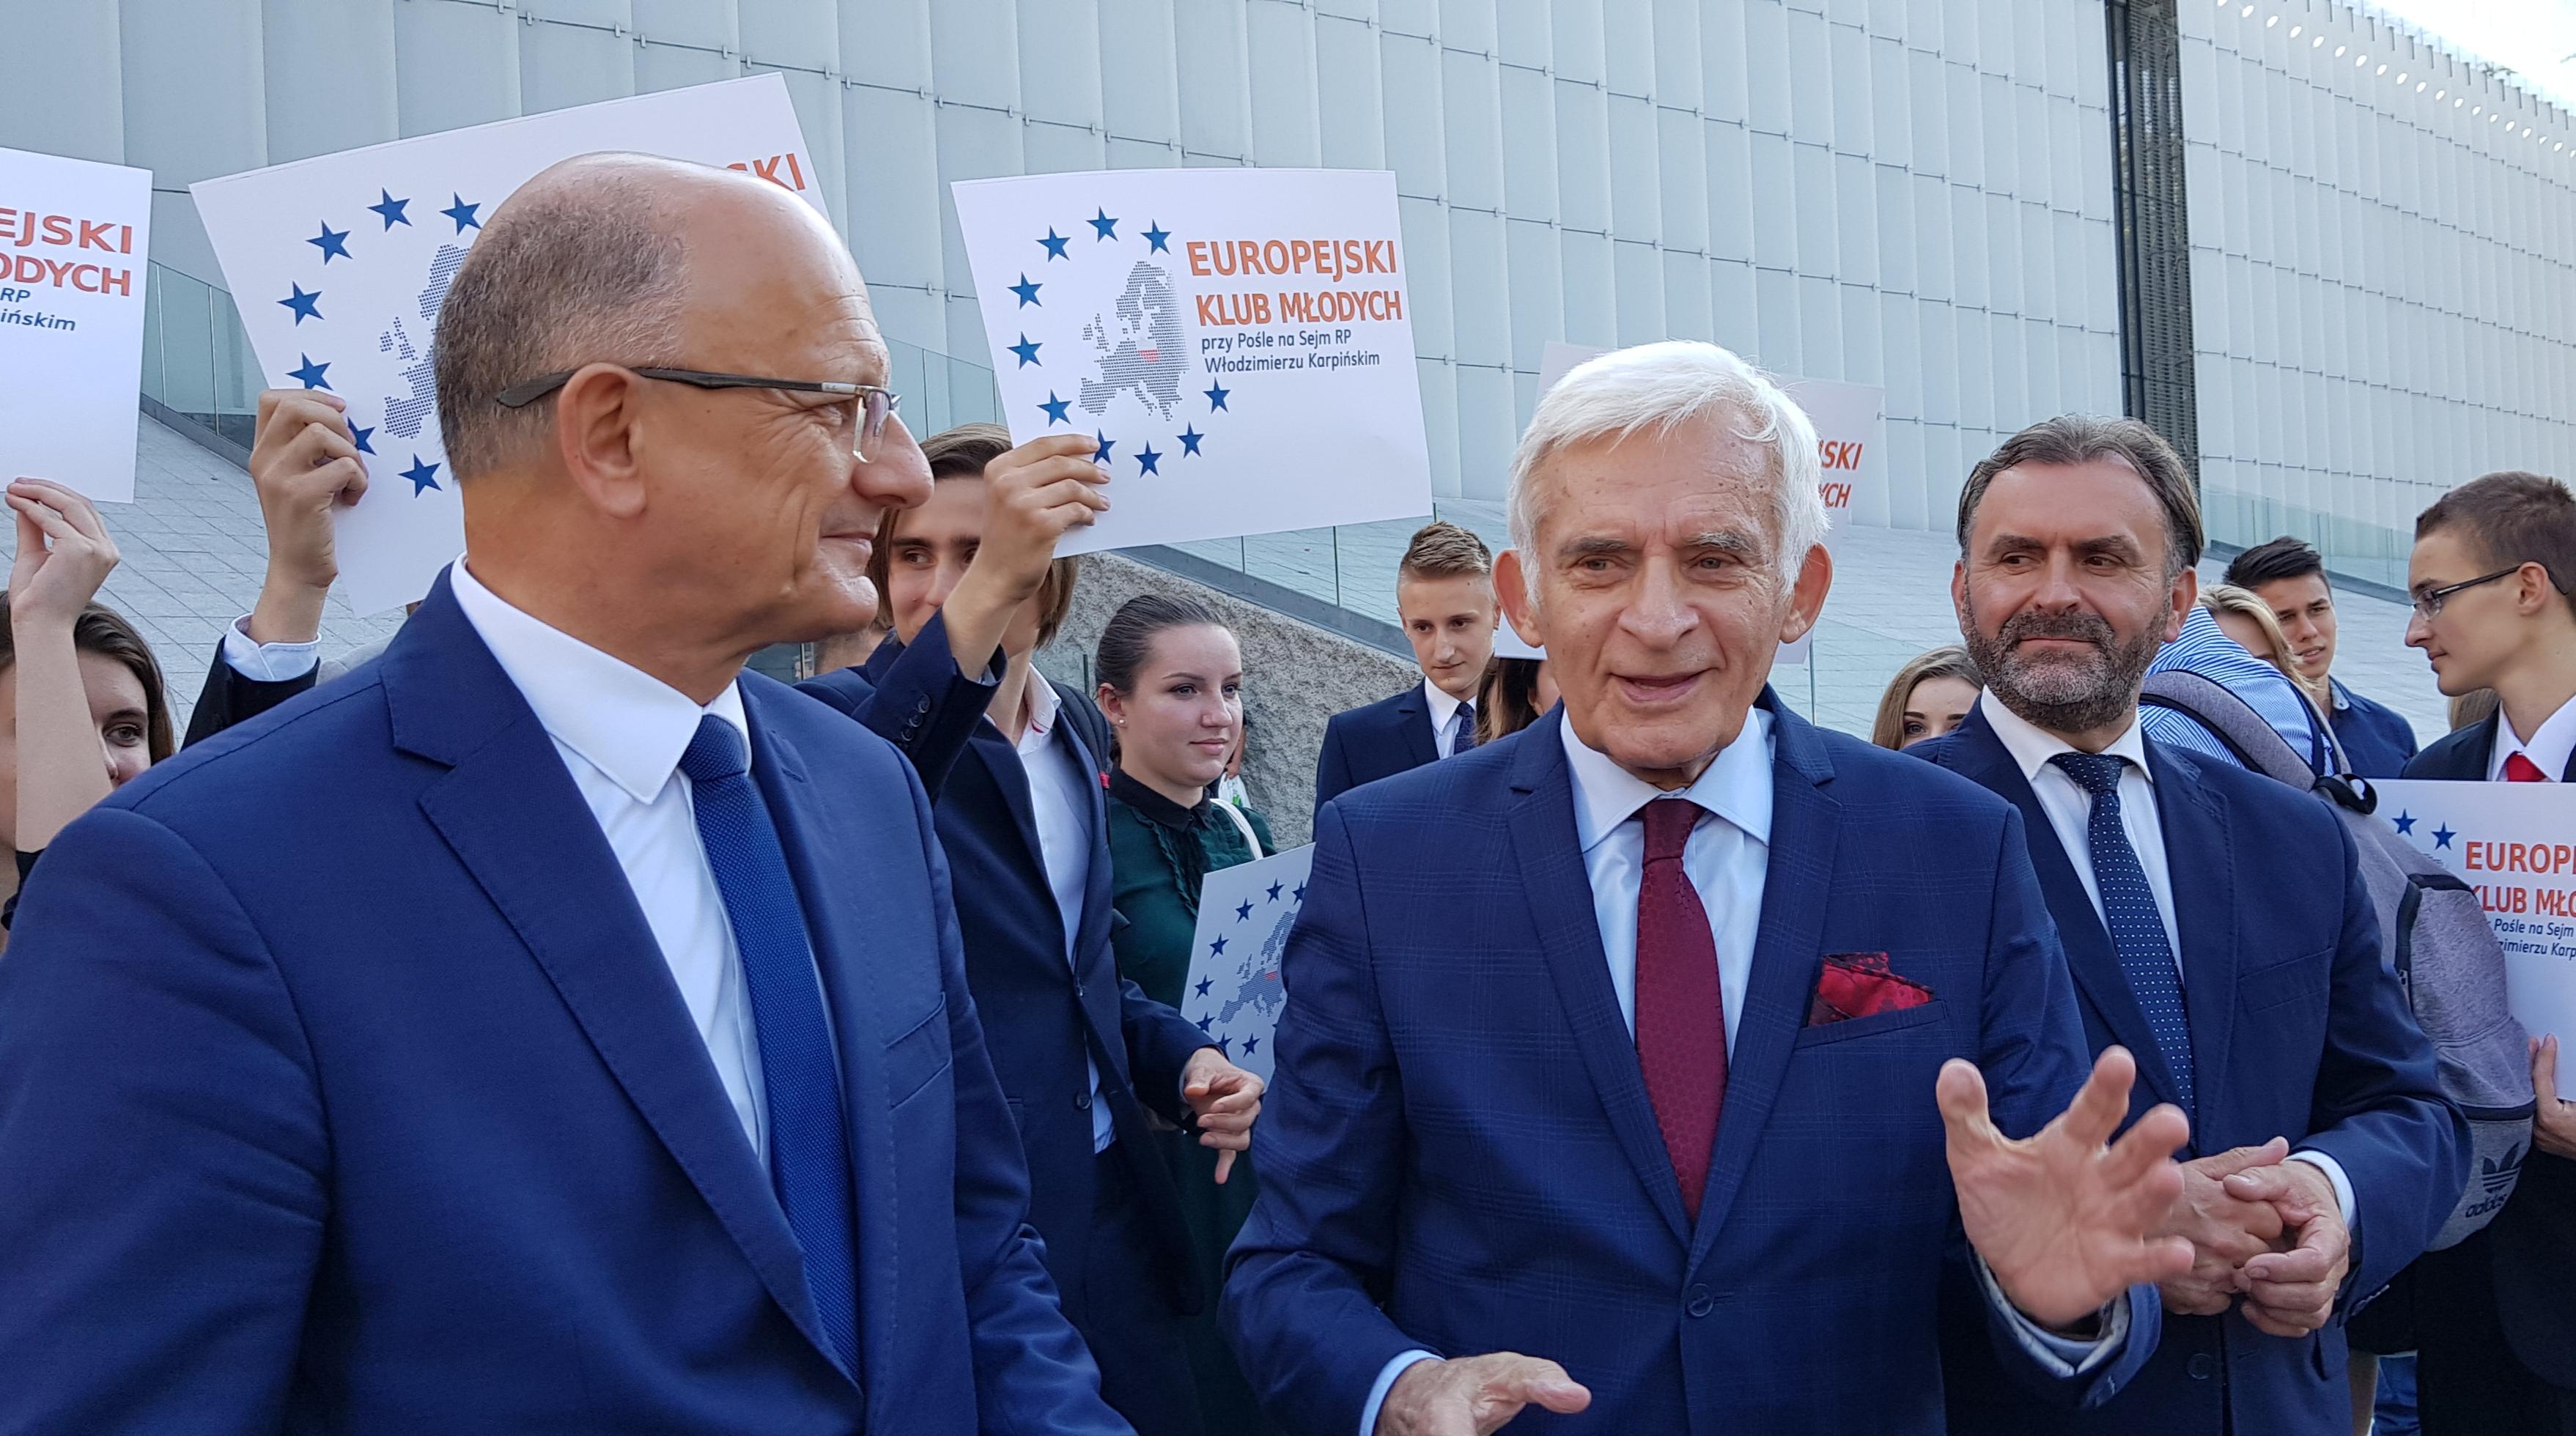 Europejski Klub Młodych powstał przy pośle Włodzimierzu Karpińskim